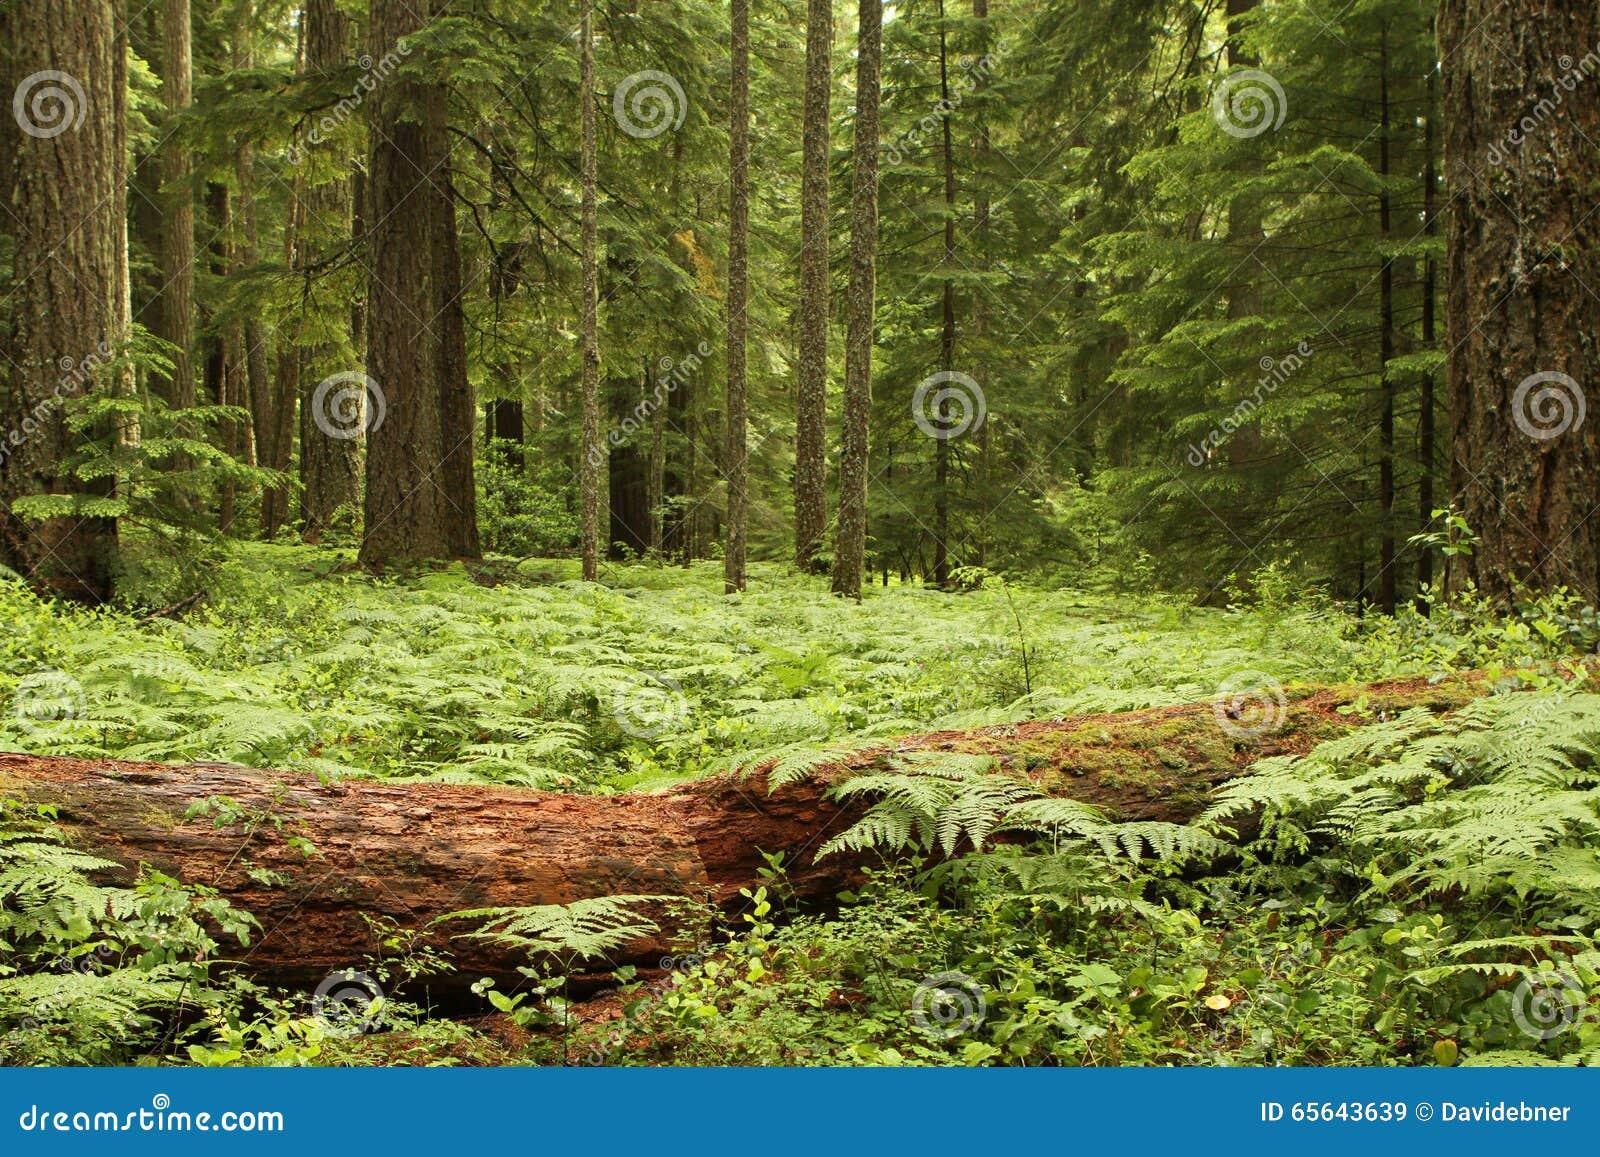 Fougères dans une forêt